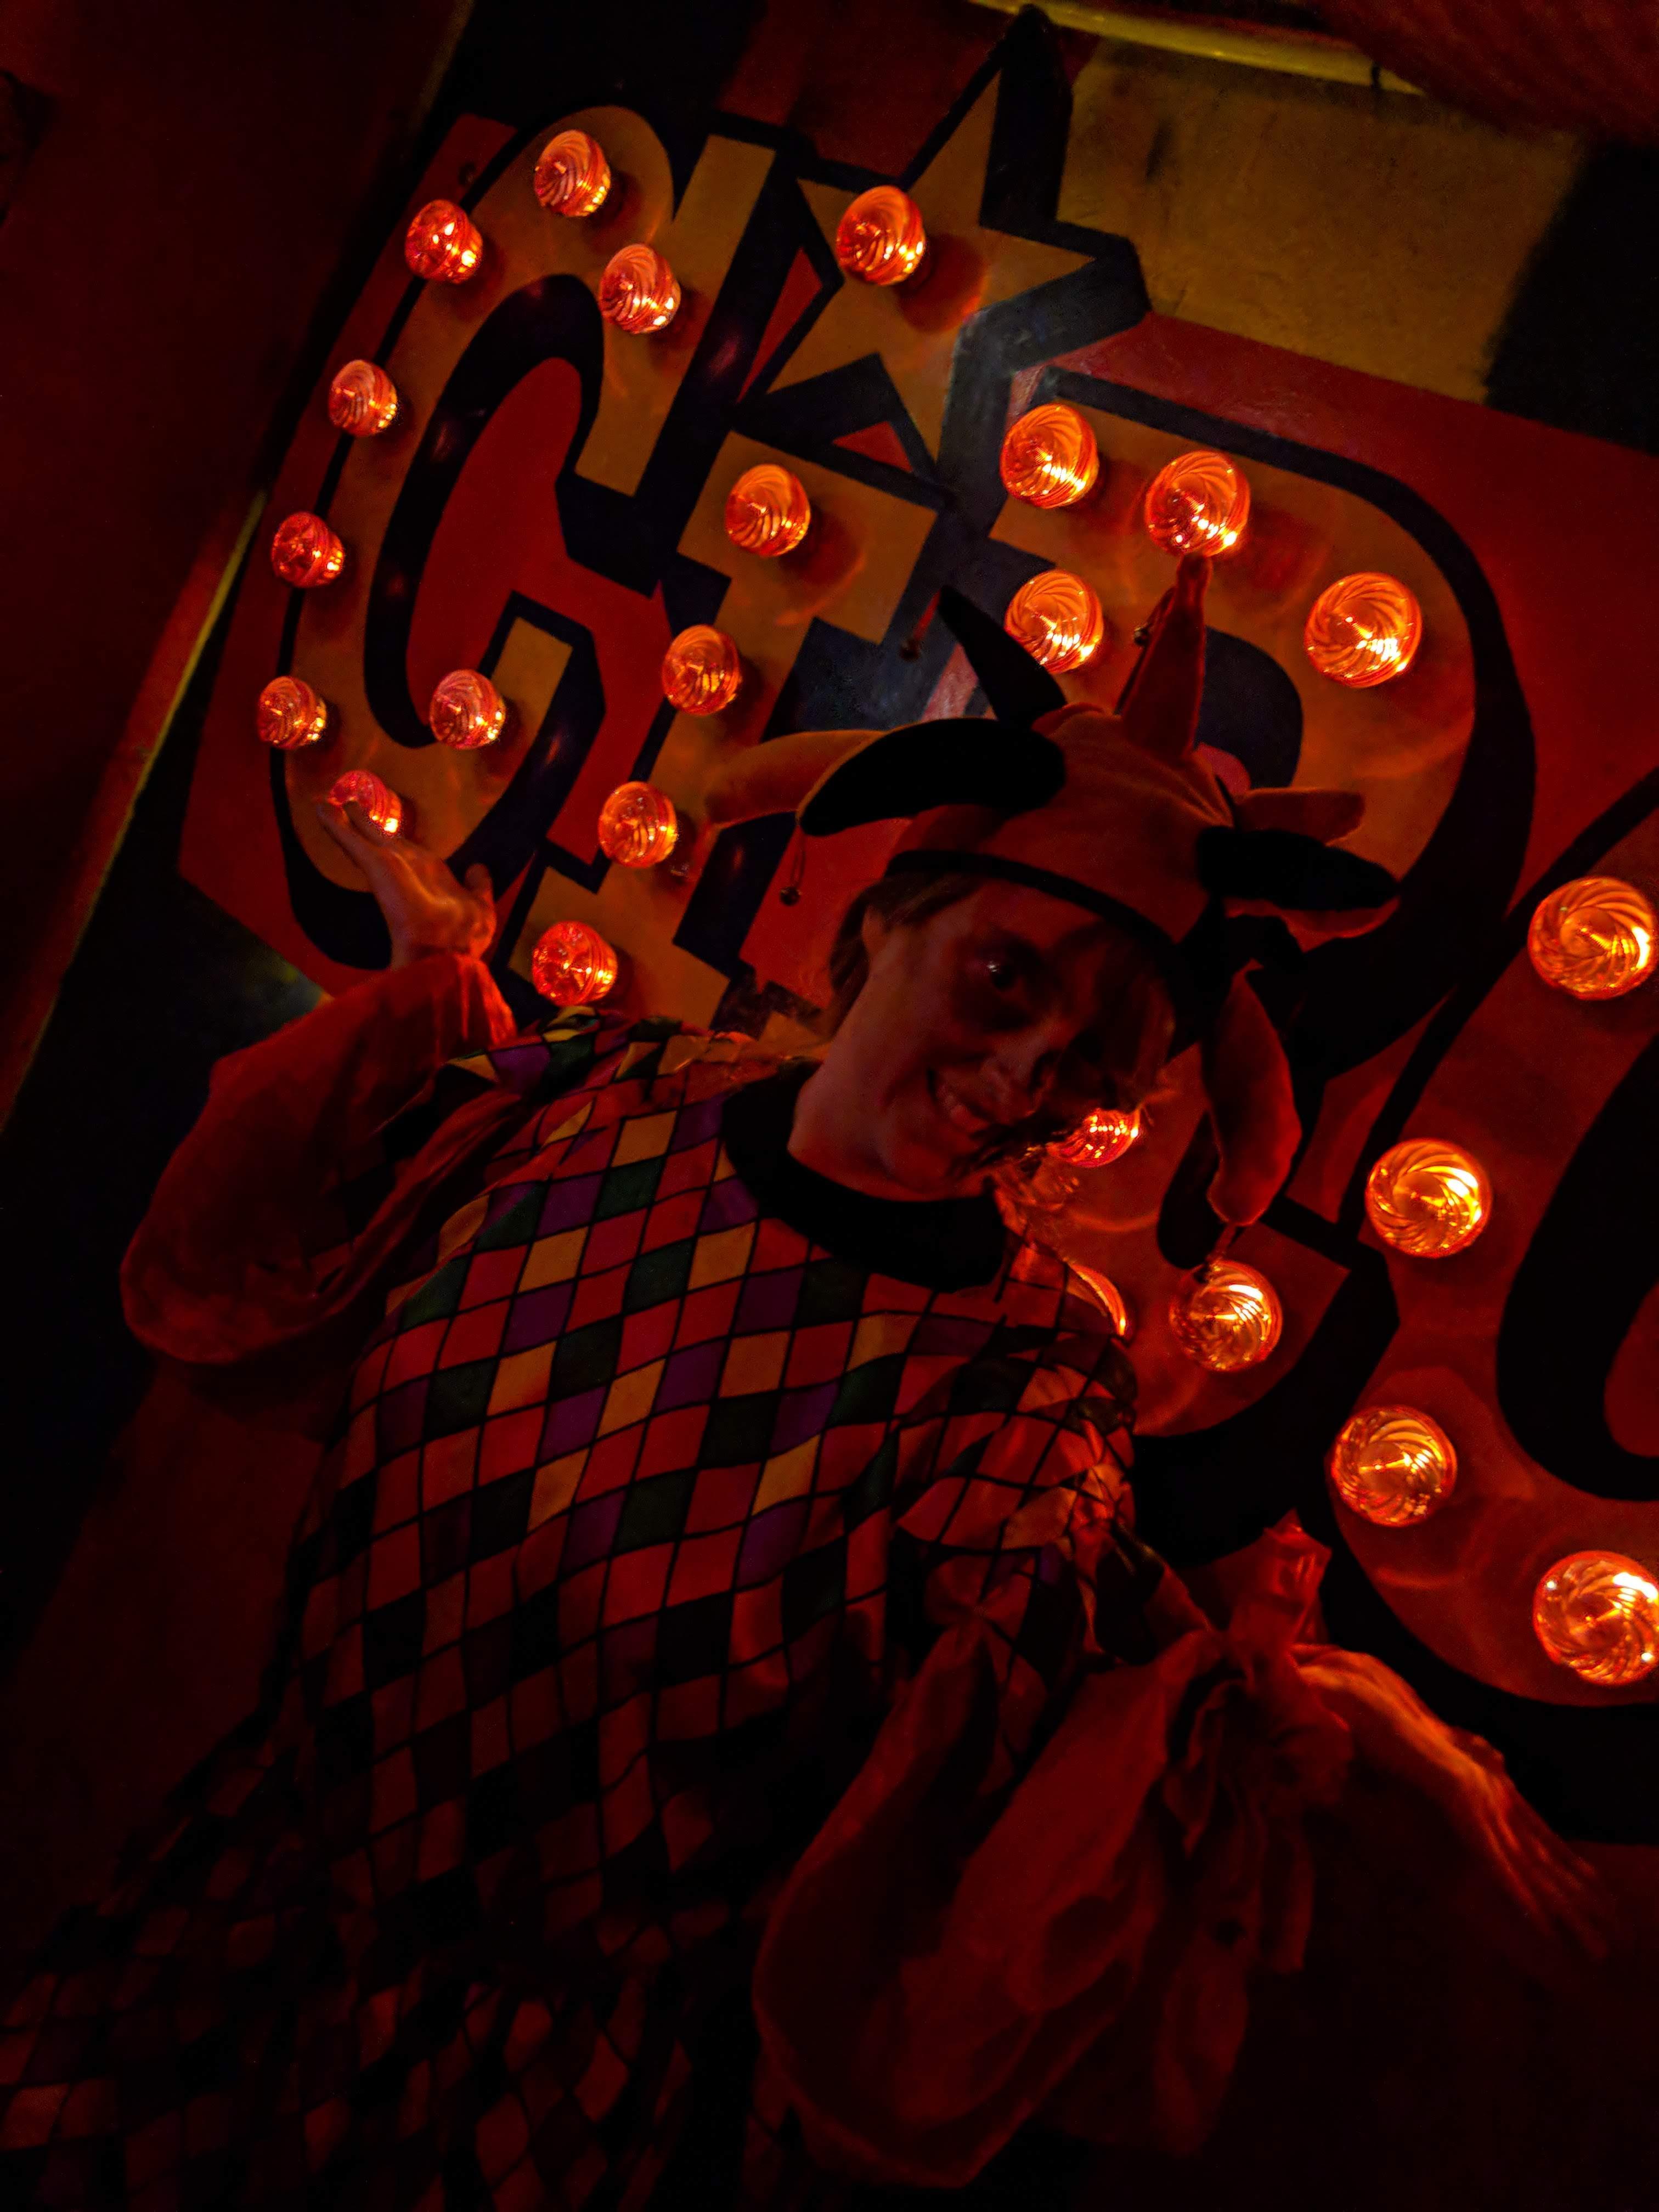 London Tombs - Joanne as a clown